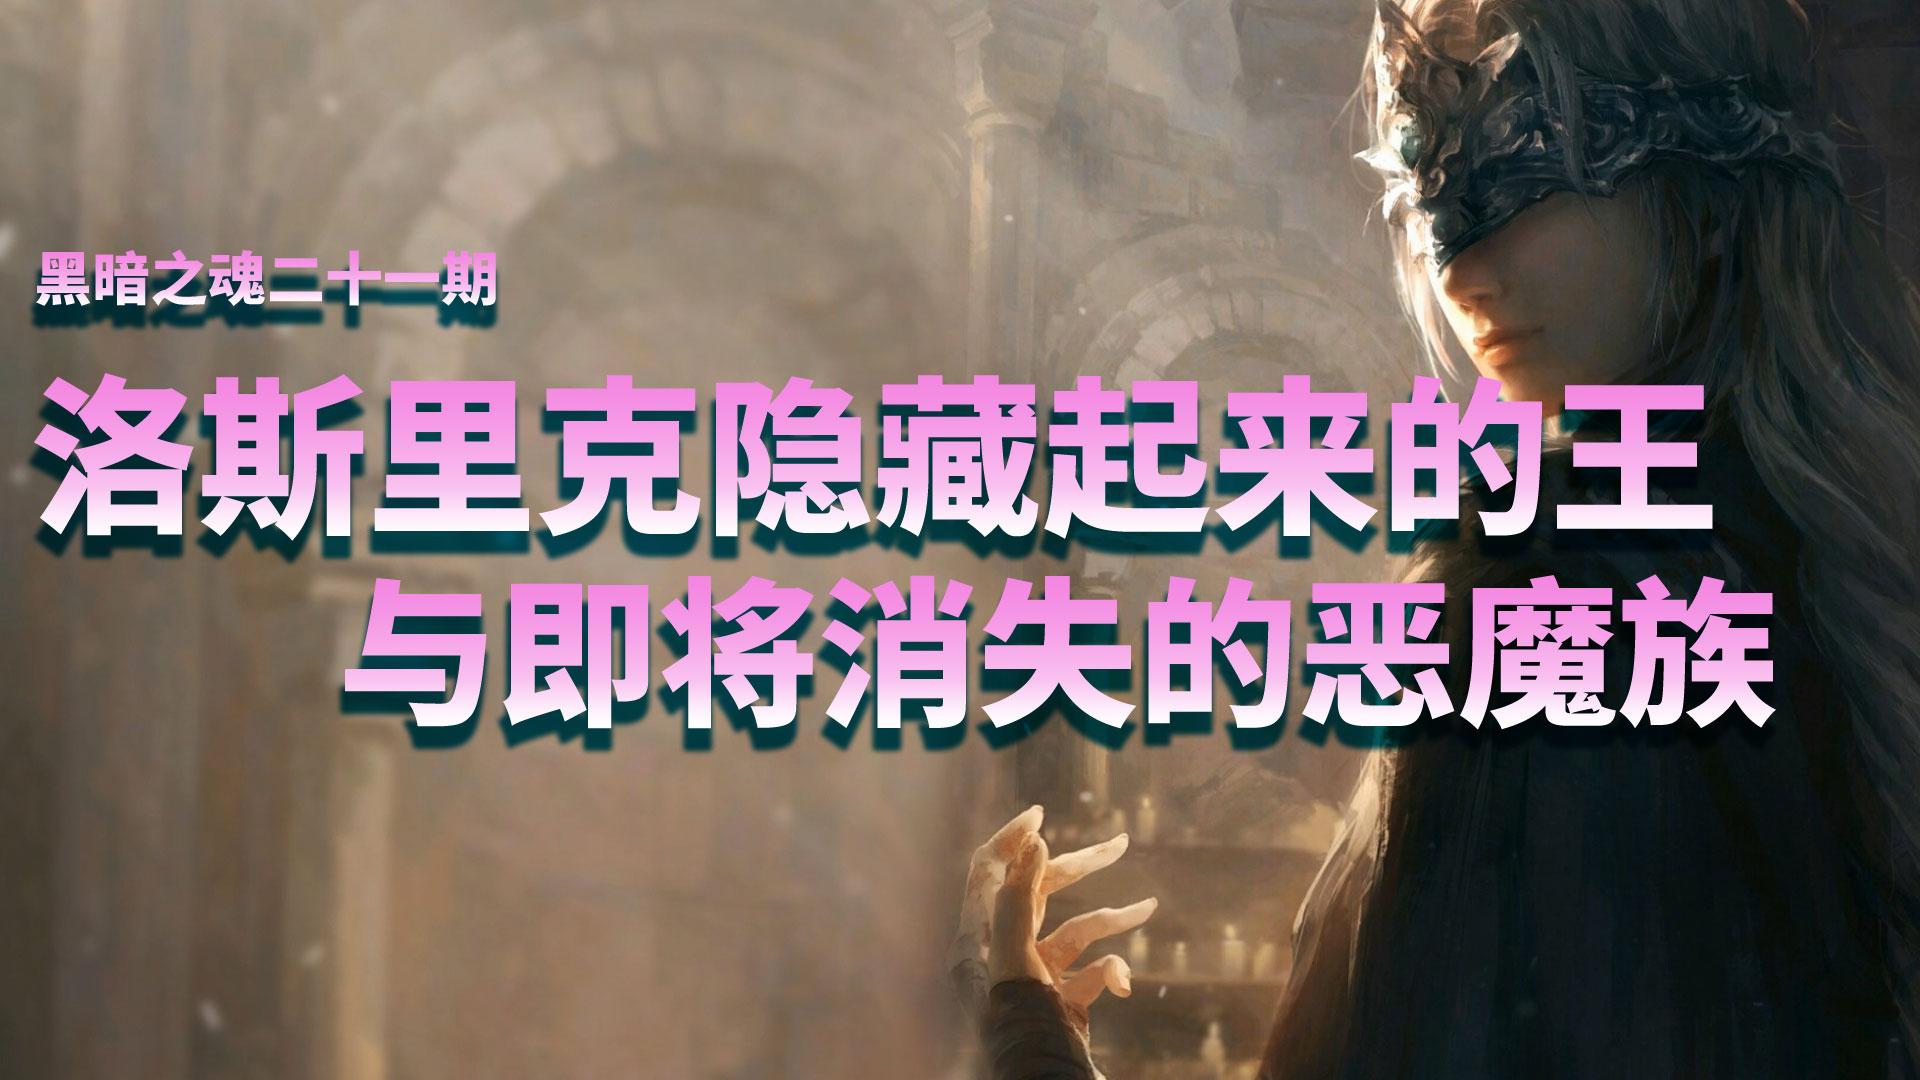 【魂学21】洛斯里克隐藏起来的王与即将消失的恶魔族